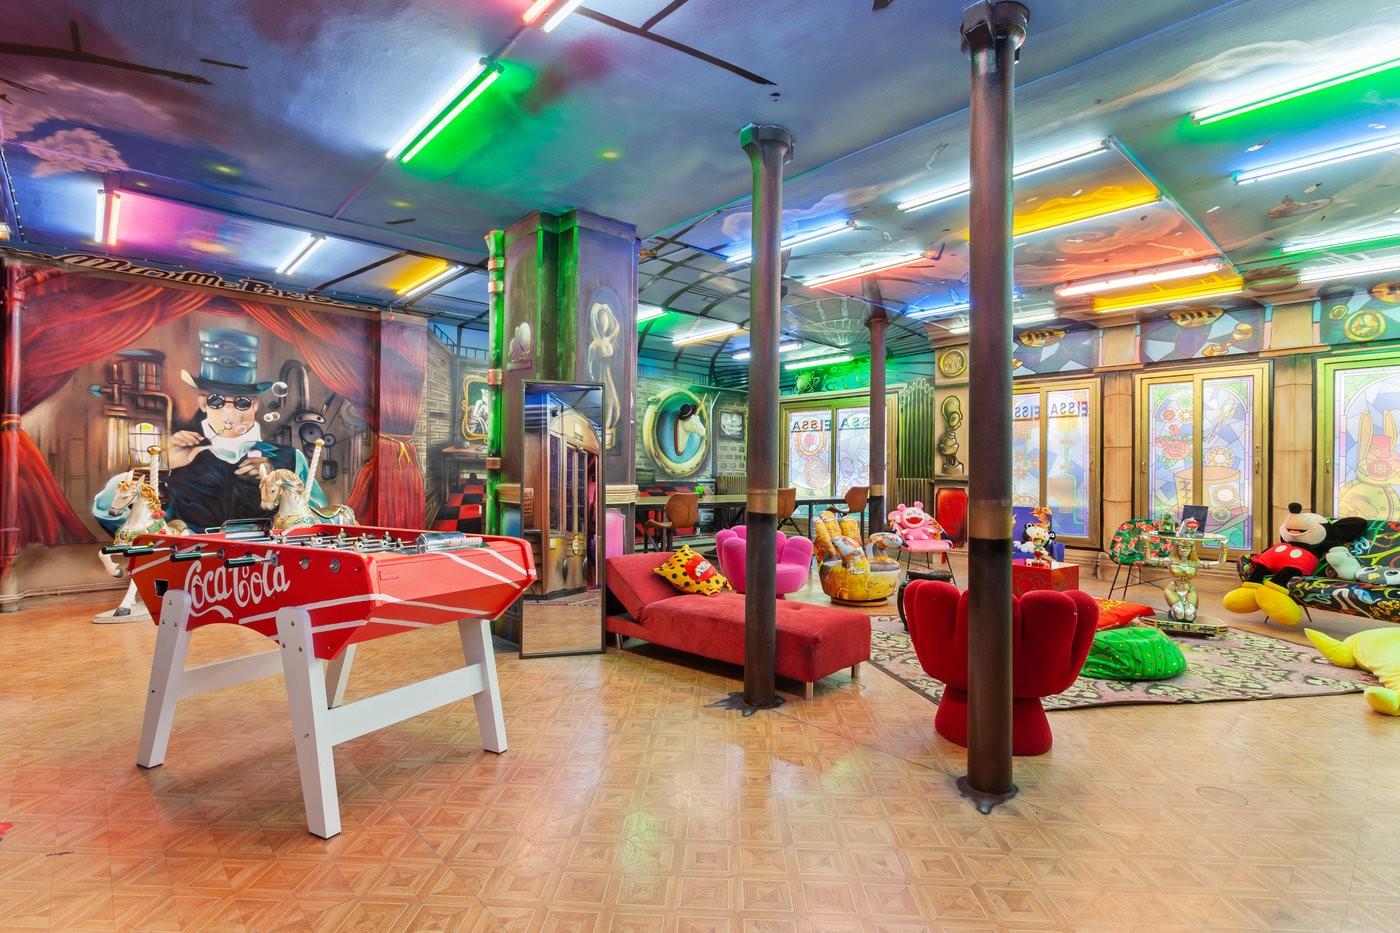 Grand loft atypique et déjanté. Cette pièce très colorée, présente toute sorte de peluches de dessin-animés, un baby-foot et des canapés originaux.